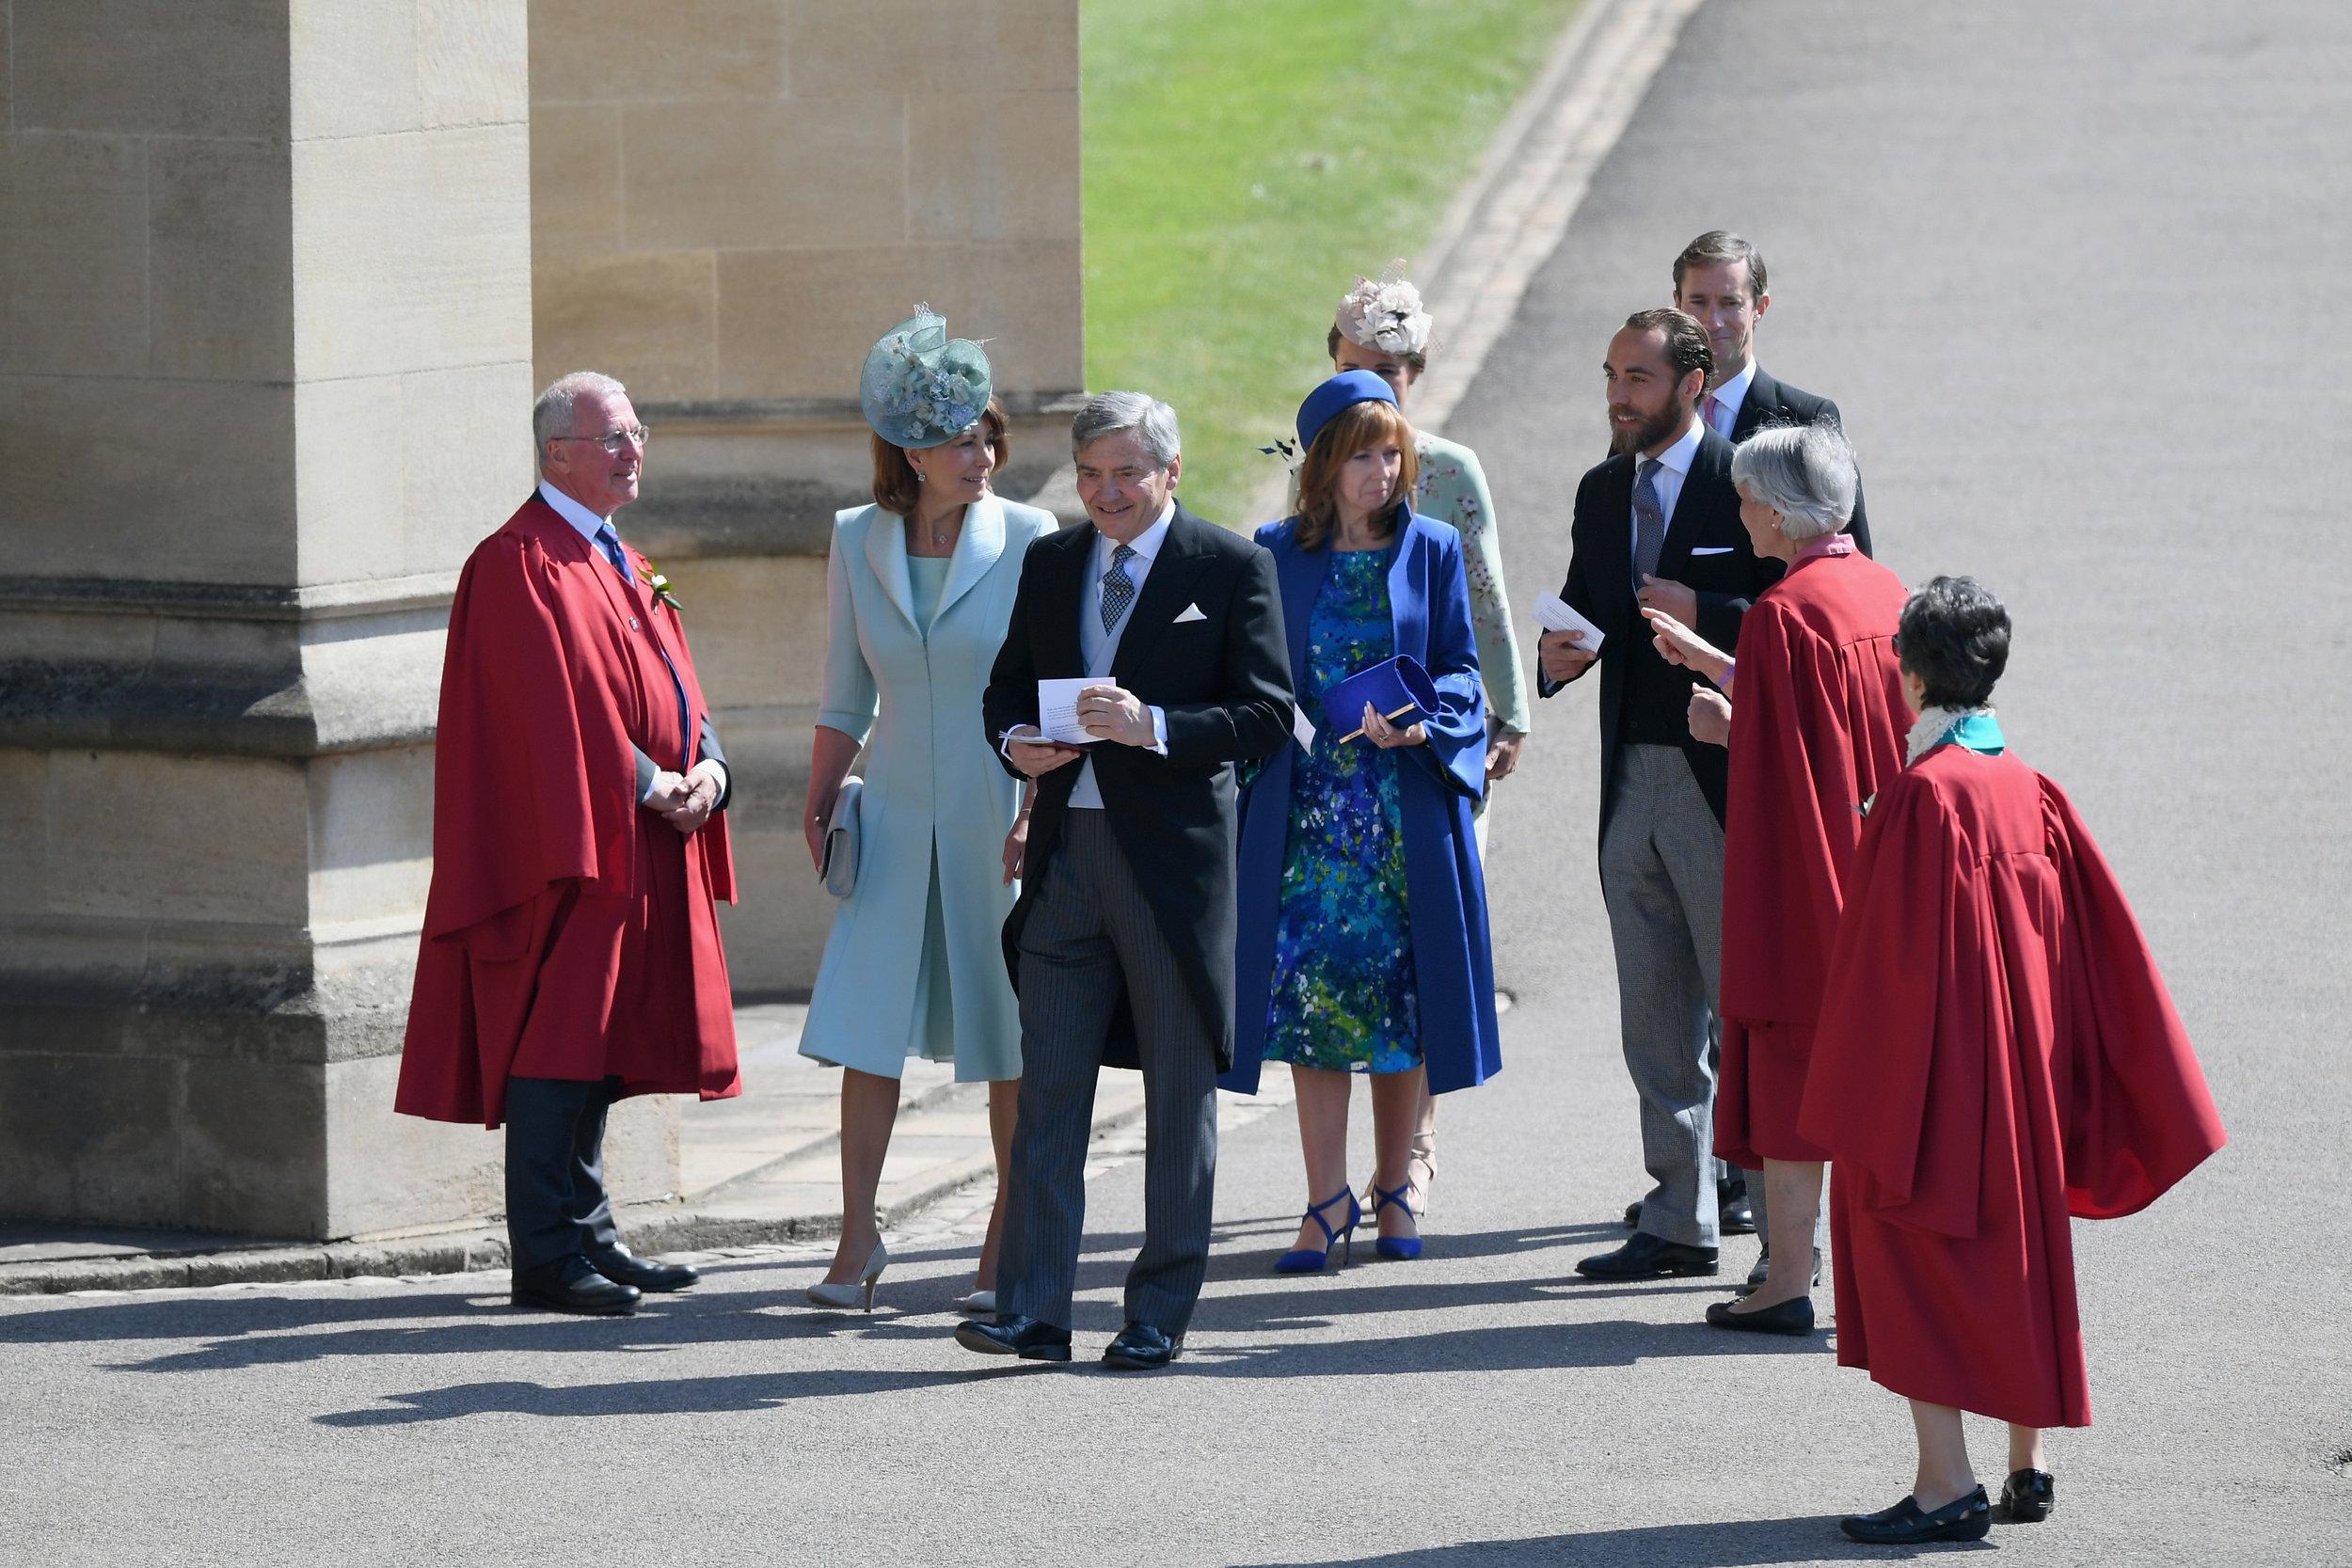 Carol und Michael Middleton wurden ebenfalls eingeladen. Die Eltern von Herzogin Kate sind gute Bekannte von Harry.  ©Getty Images